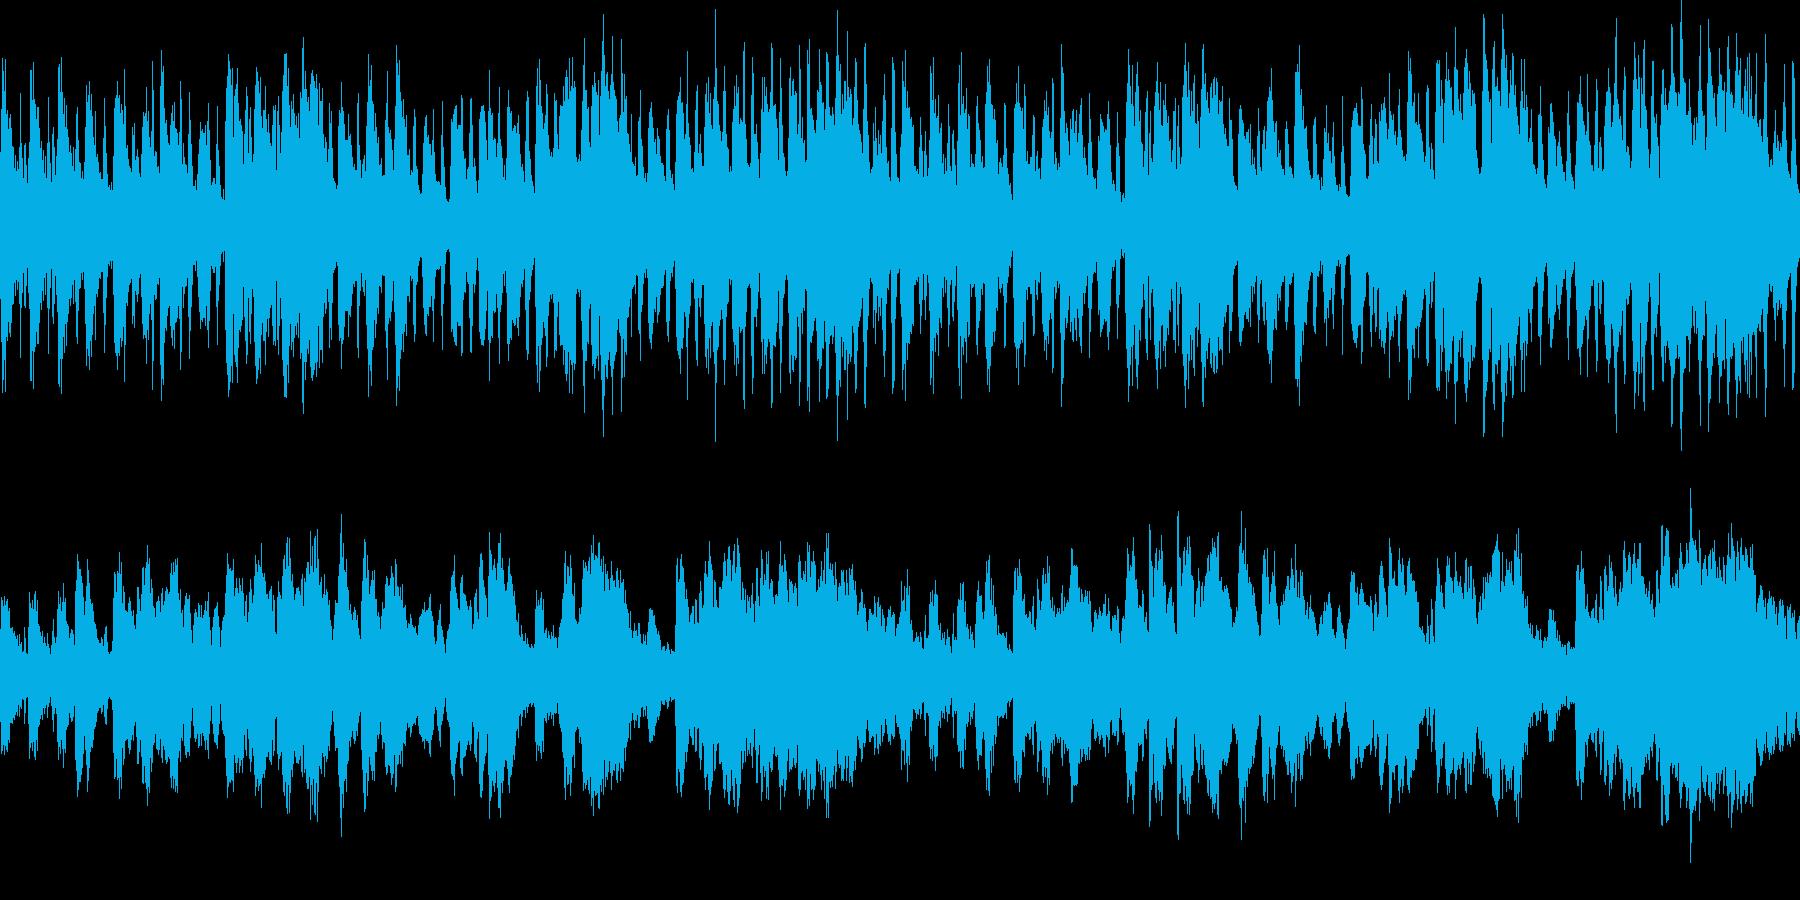 調律の狂ったピアノのワルツ・ホラーの再生済みの波形